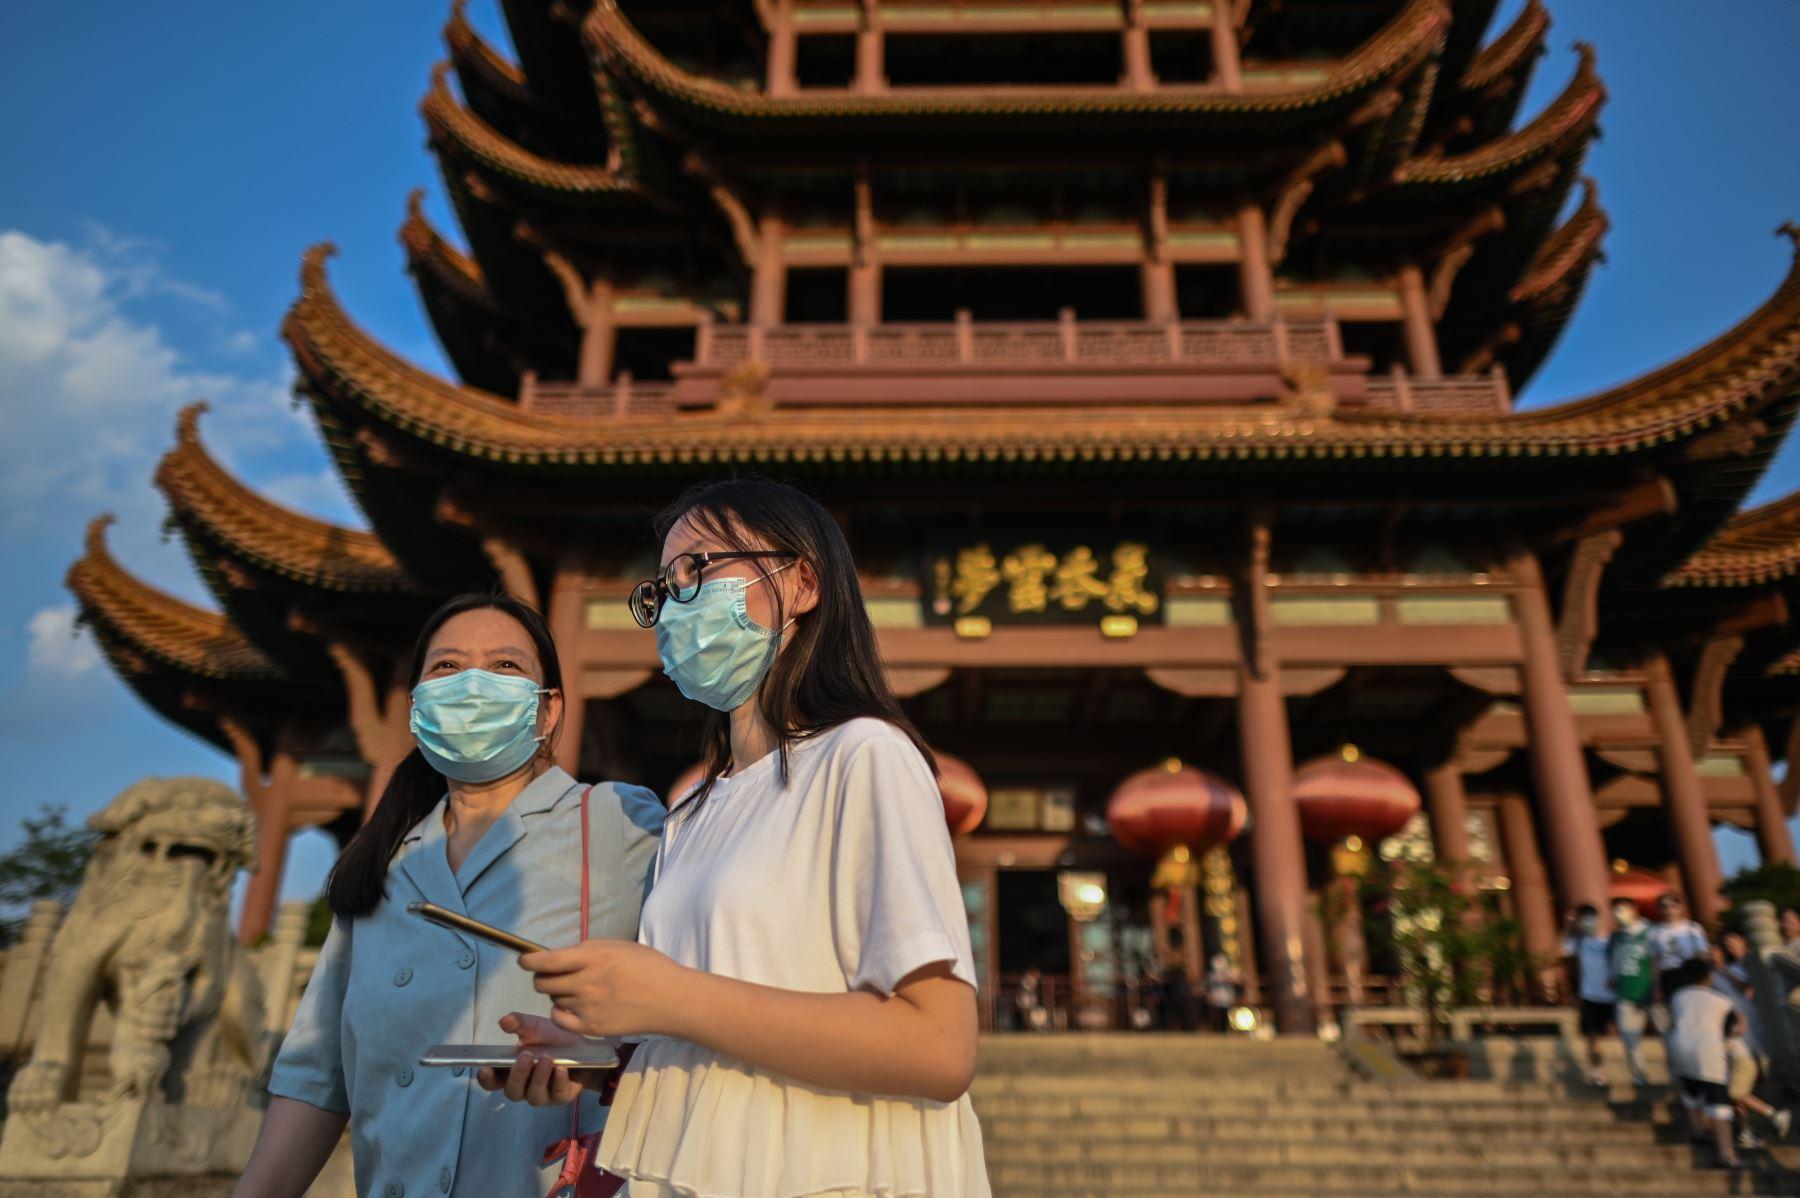 Turistas con máscaras faciales visitan la Torre de la Grulla Amarilla en Wuhan, provincia central de Hubei en China. Foto: AFP